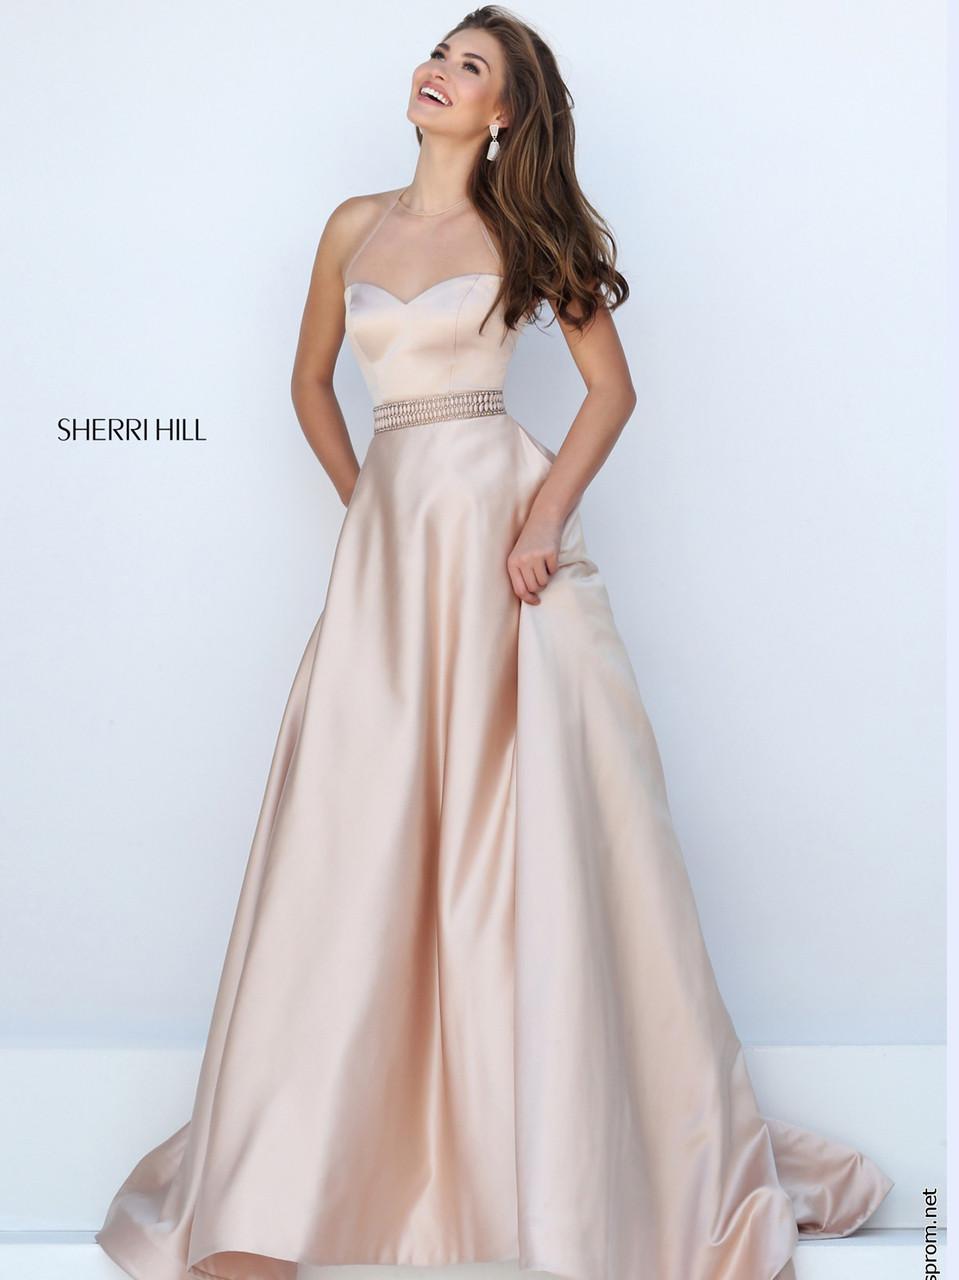 Sherri Hill 50222 Halter Neckline Prom Ball Gown | PromHeadquarters.com